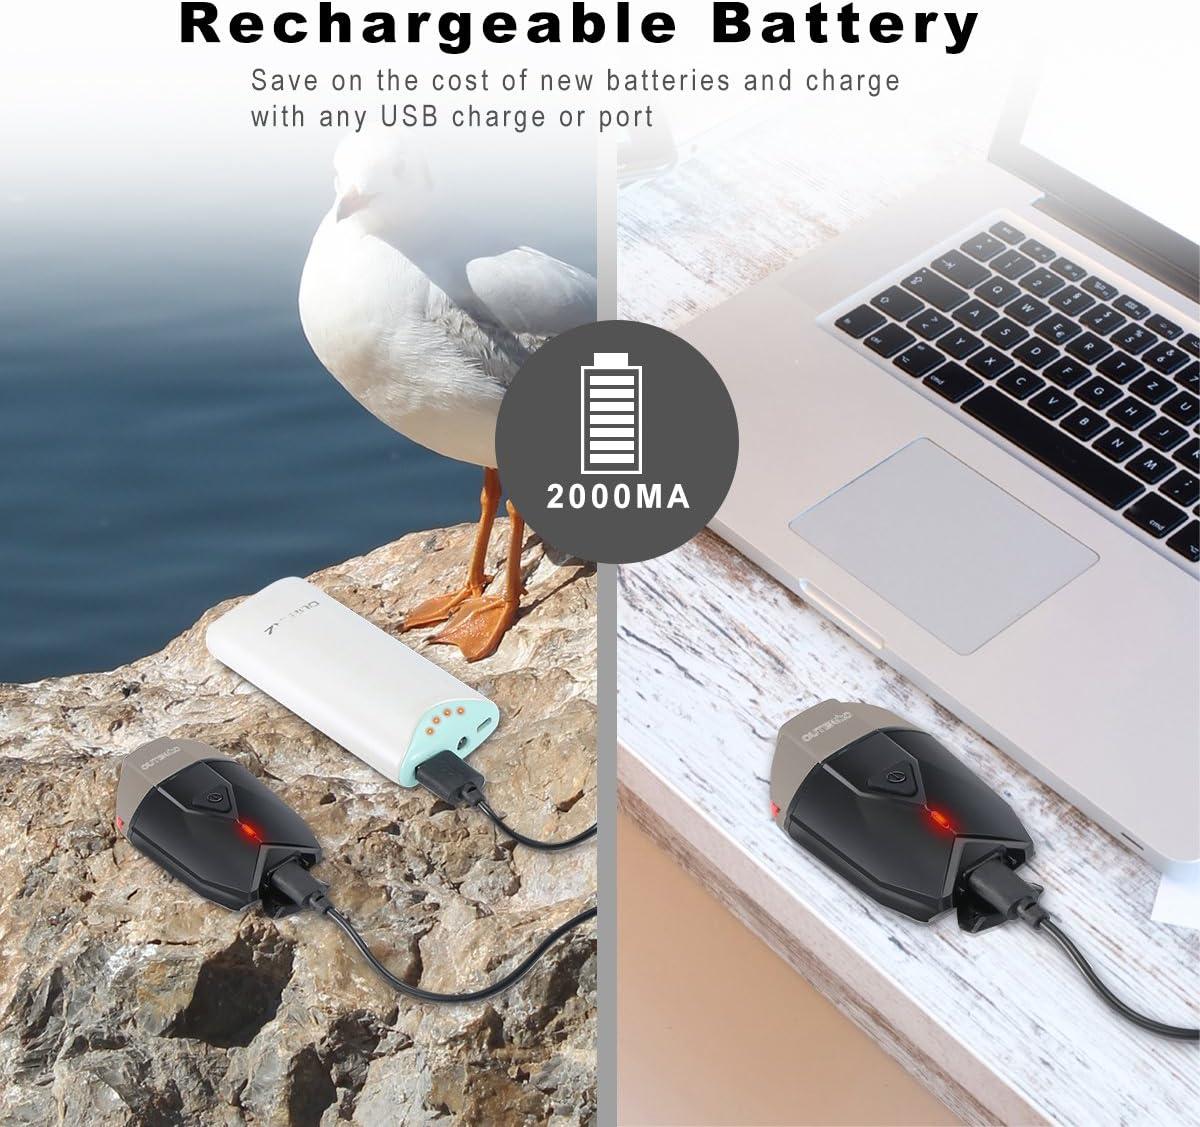 OUTERDO Kit Eclairage V/élo Eclairage Avant et Eclairage Arri/ère Puissante USB Rechargeable Phare Lampe pour V/élo Imperm/éable Multi Modes d/éclairage Lampe V/élo